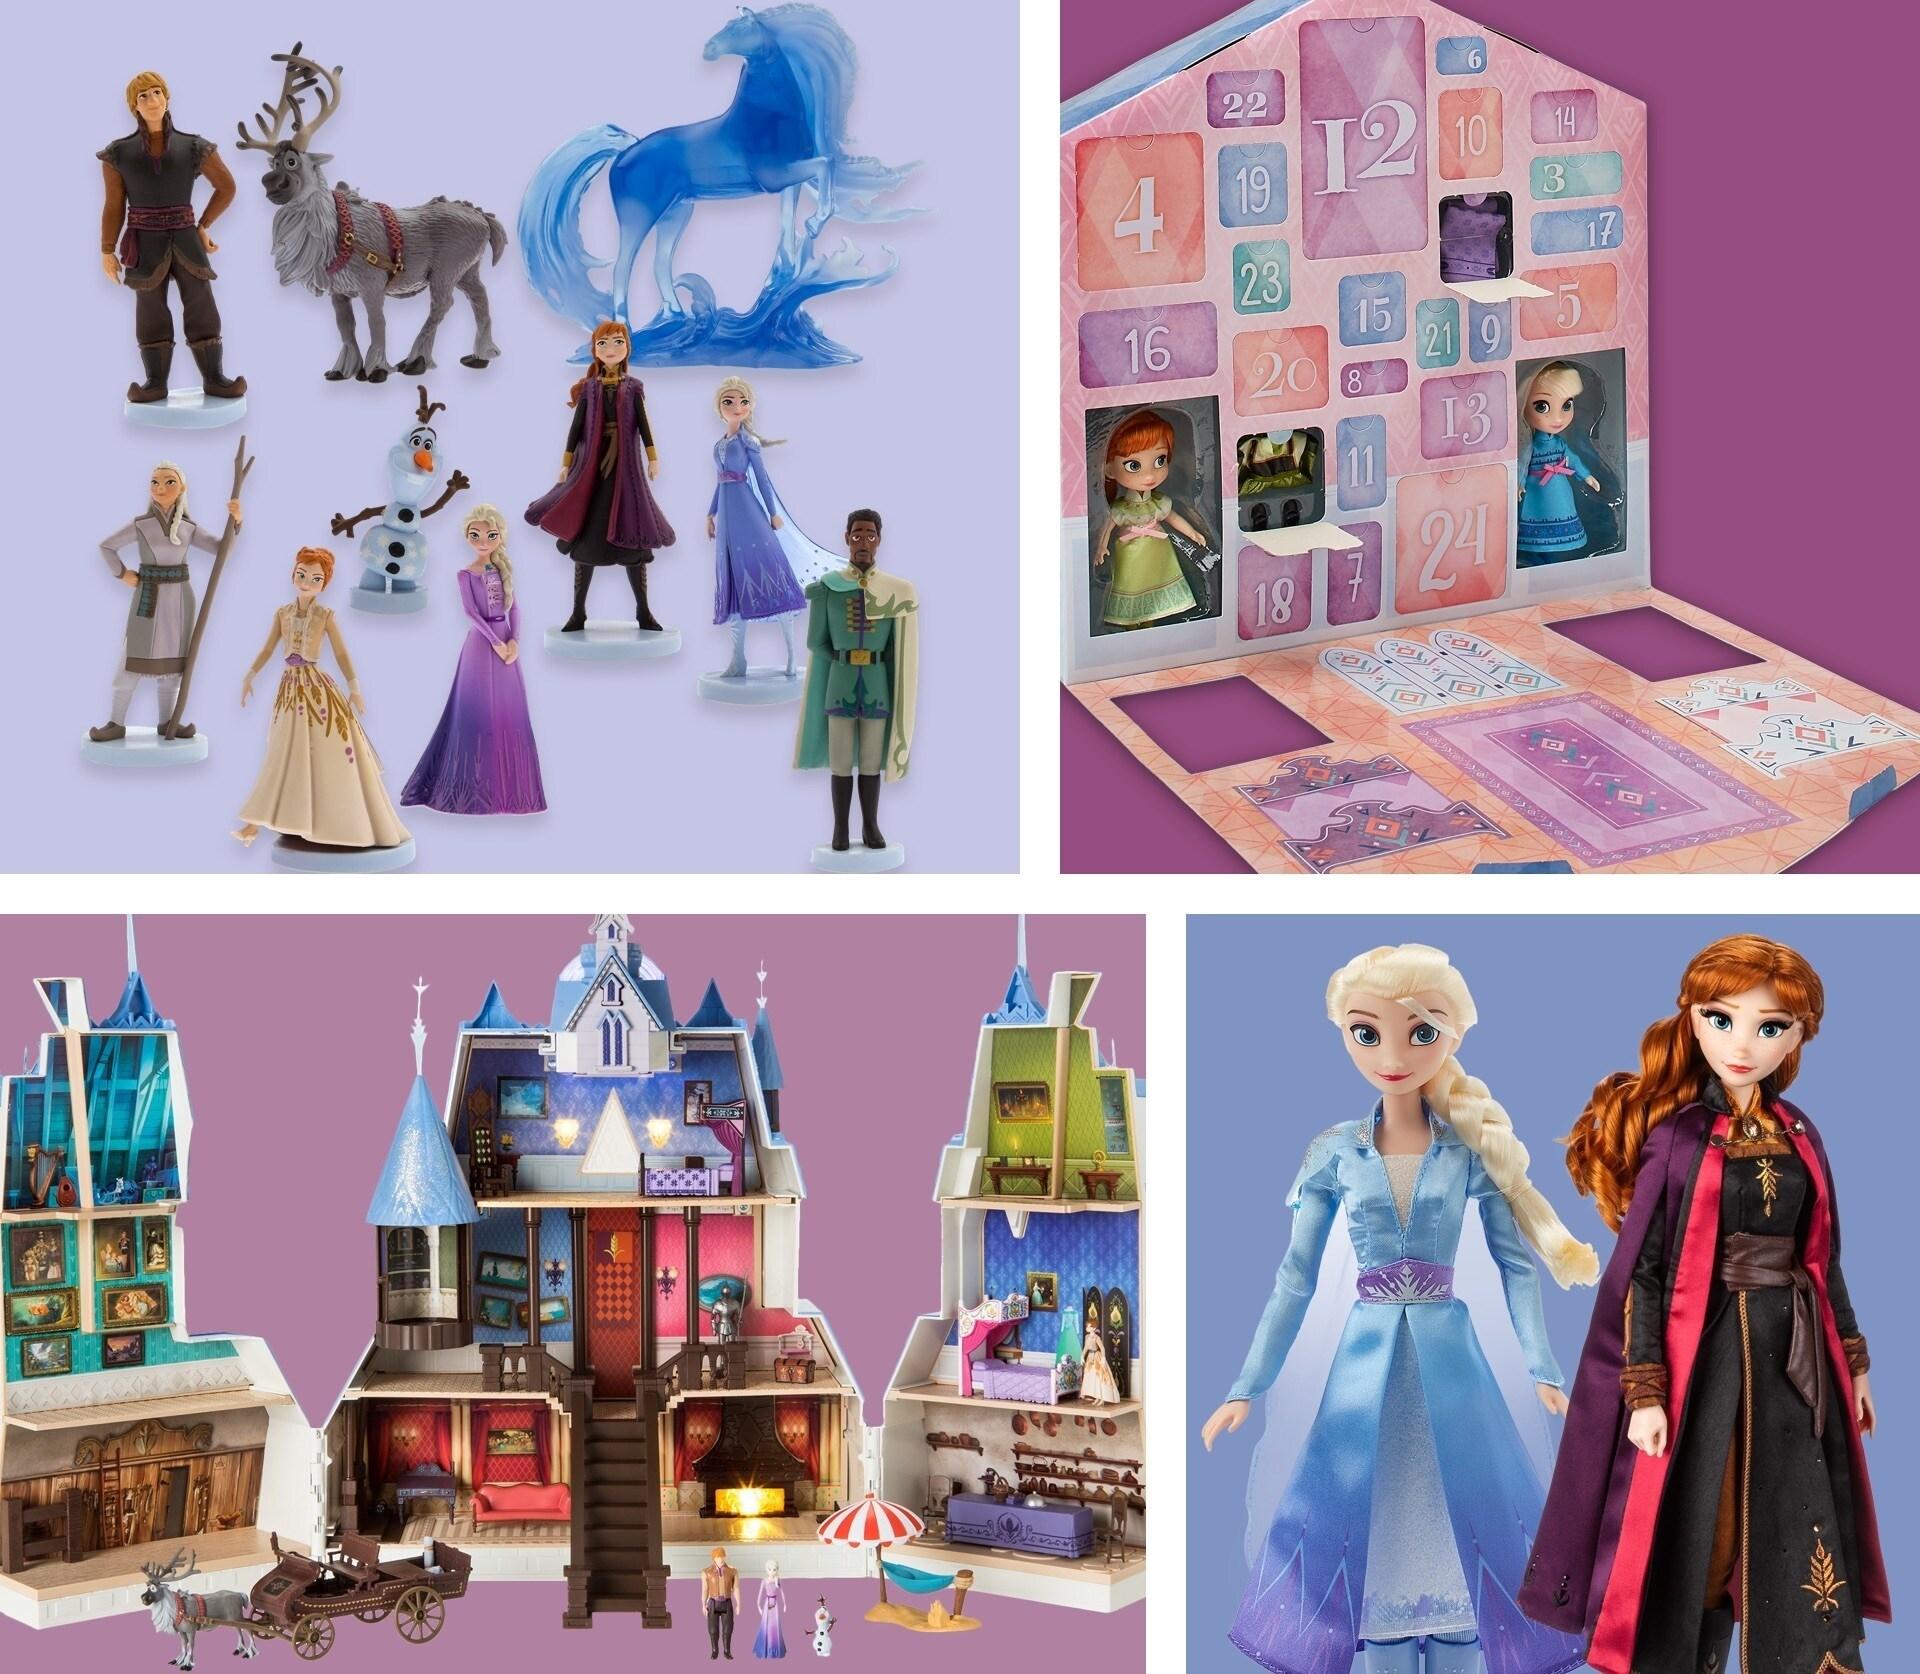 Una selezione di giocattoli a tema Frozen